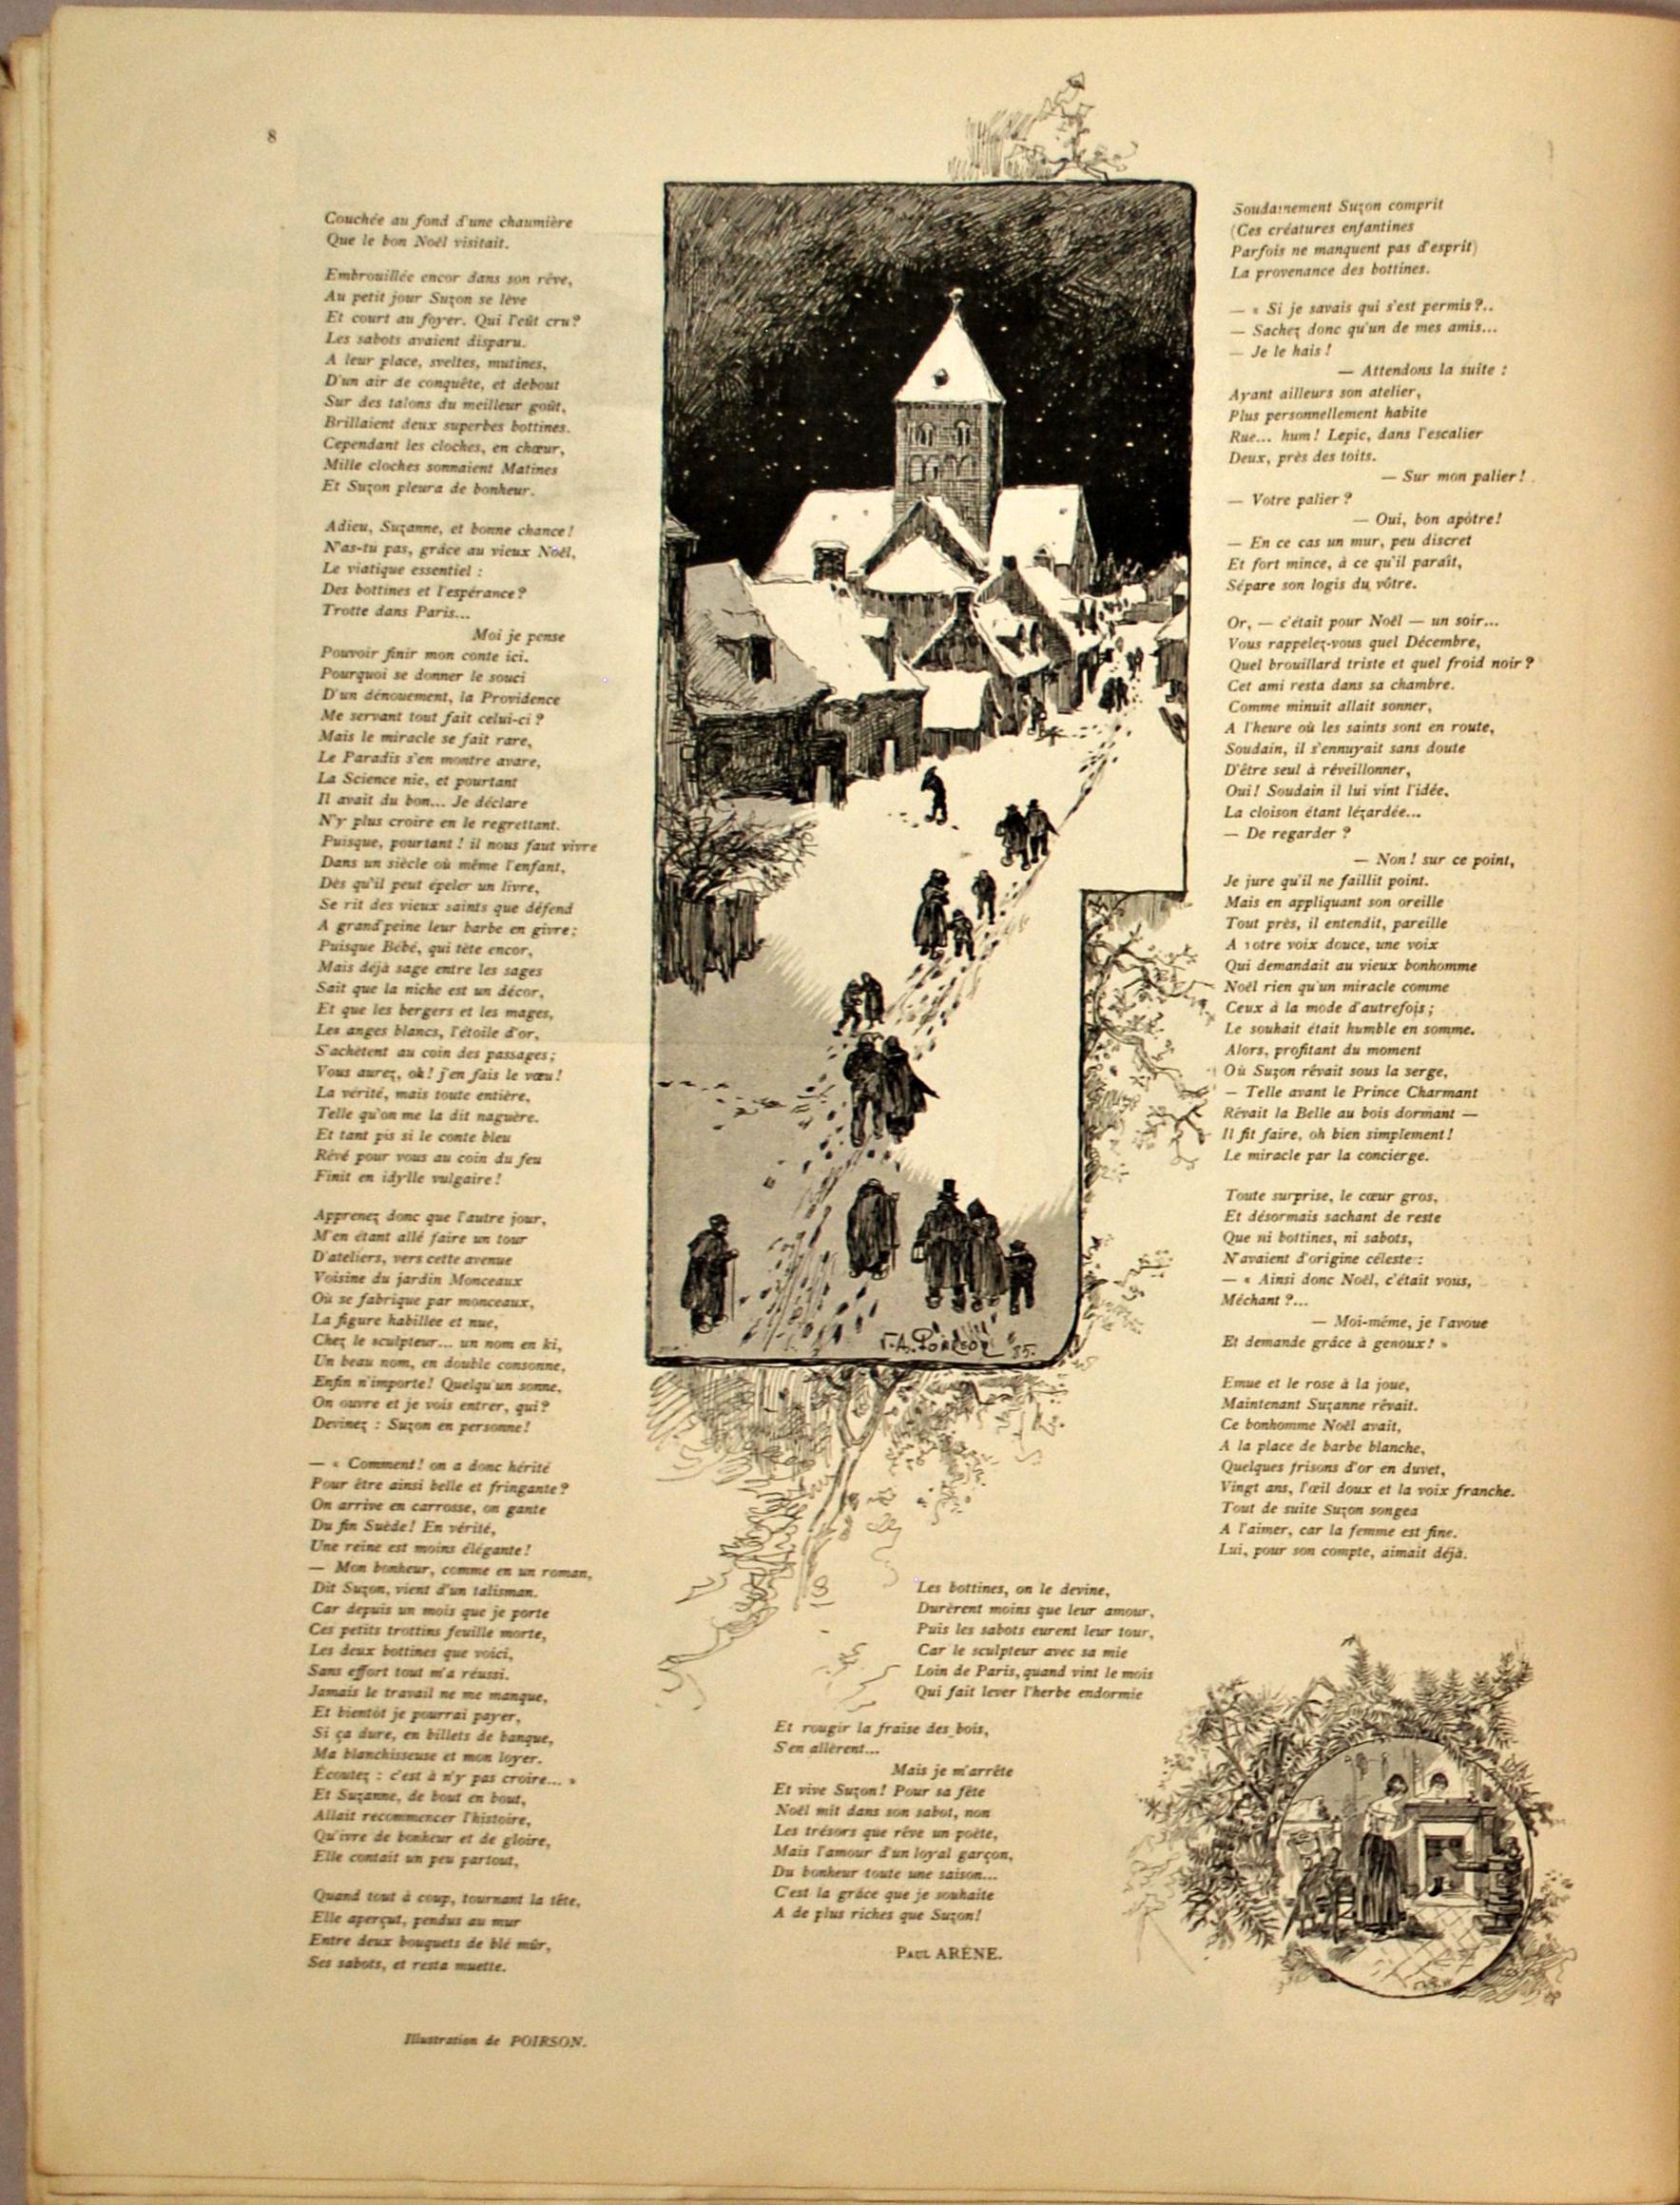 Escalier Bois Entre Deux Murs file:pn 1885-1886 (7) a - wikimedia commons